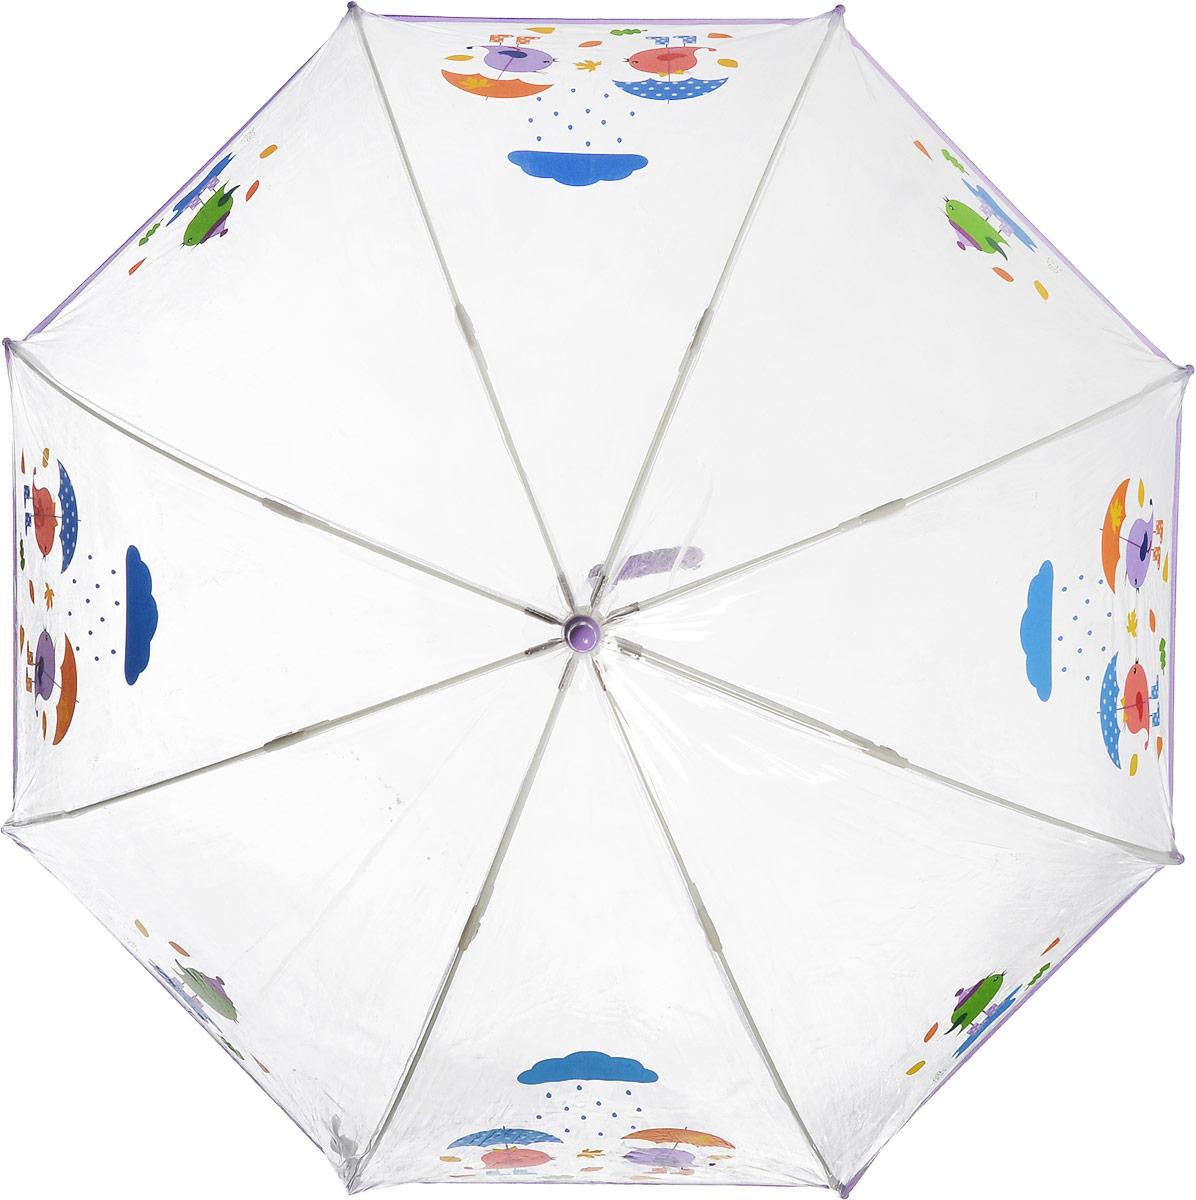 Зонт-трость детский Zest механический, цвет: прозрачный, сиреневый. 51510-02CX1516-50-10Детский зонт-трость Zest выполнен из металла и пластика. Каркас зонта выполнен из восьми спиц, стержень из стали. На концах спиц предусмотрены пластиковые элементы, которые защитят малыша от травм. Купол зонта изготовлен прочного полиэстера. Закрытый купол застегивается на липучку хлястиком. Практичная глянцевая рукоятка закругленной формы разработана с учетом требований эргономики и выполнена из пластика.Чудесный прозрачный зонтик с изображением красочного рисунка на прозрачном куполе. Эта очень позитивная, прочная в применении модель обязательно понравится вашему ребенку.